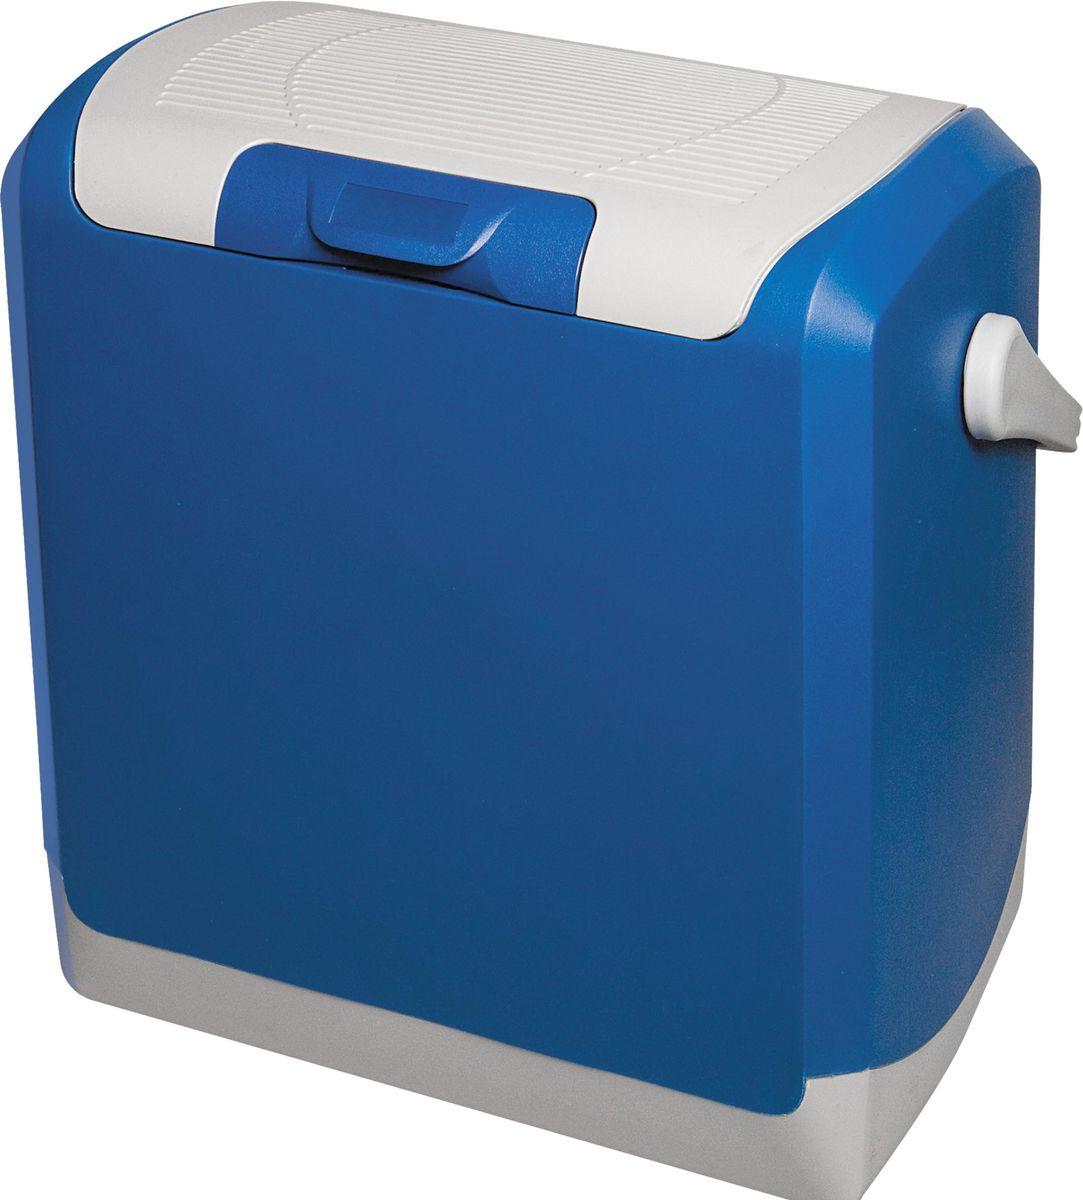 Холодильник-подогреватель термоэлектрический